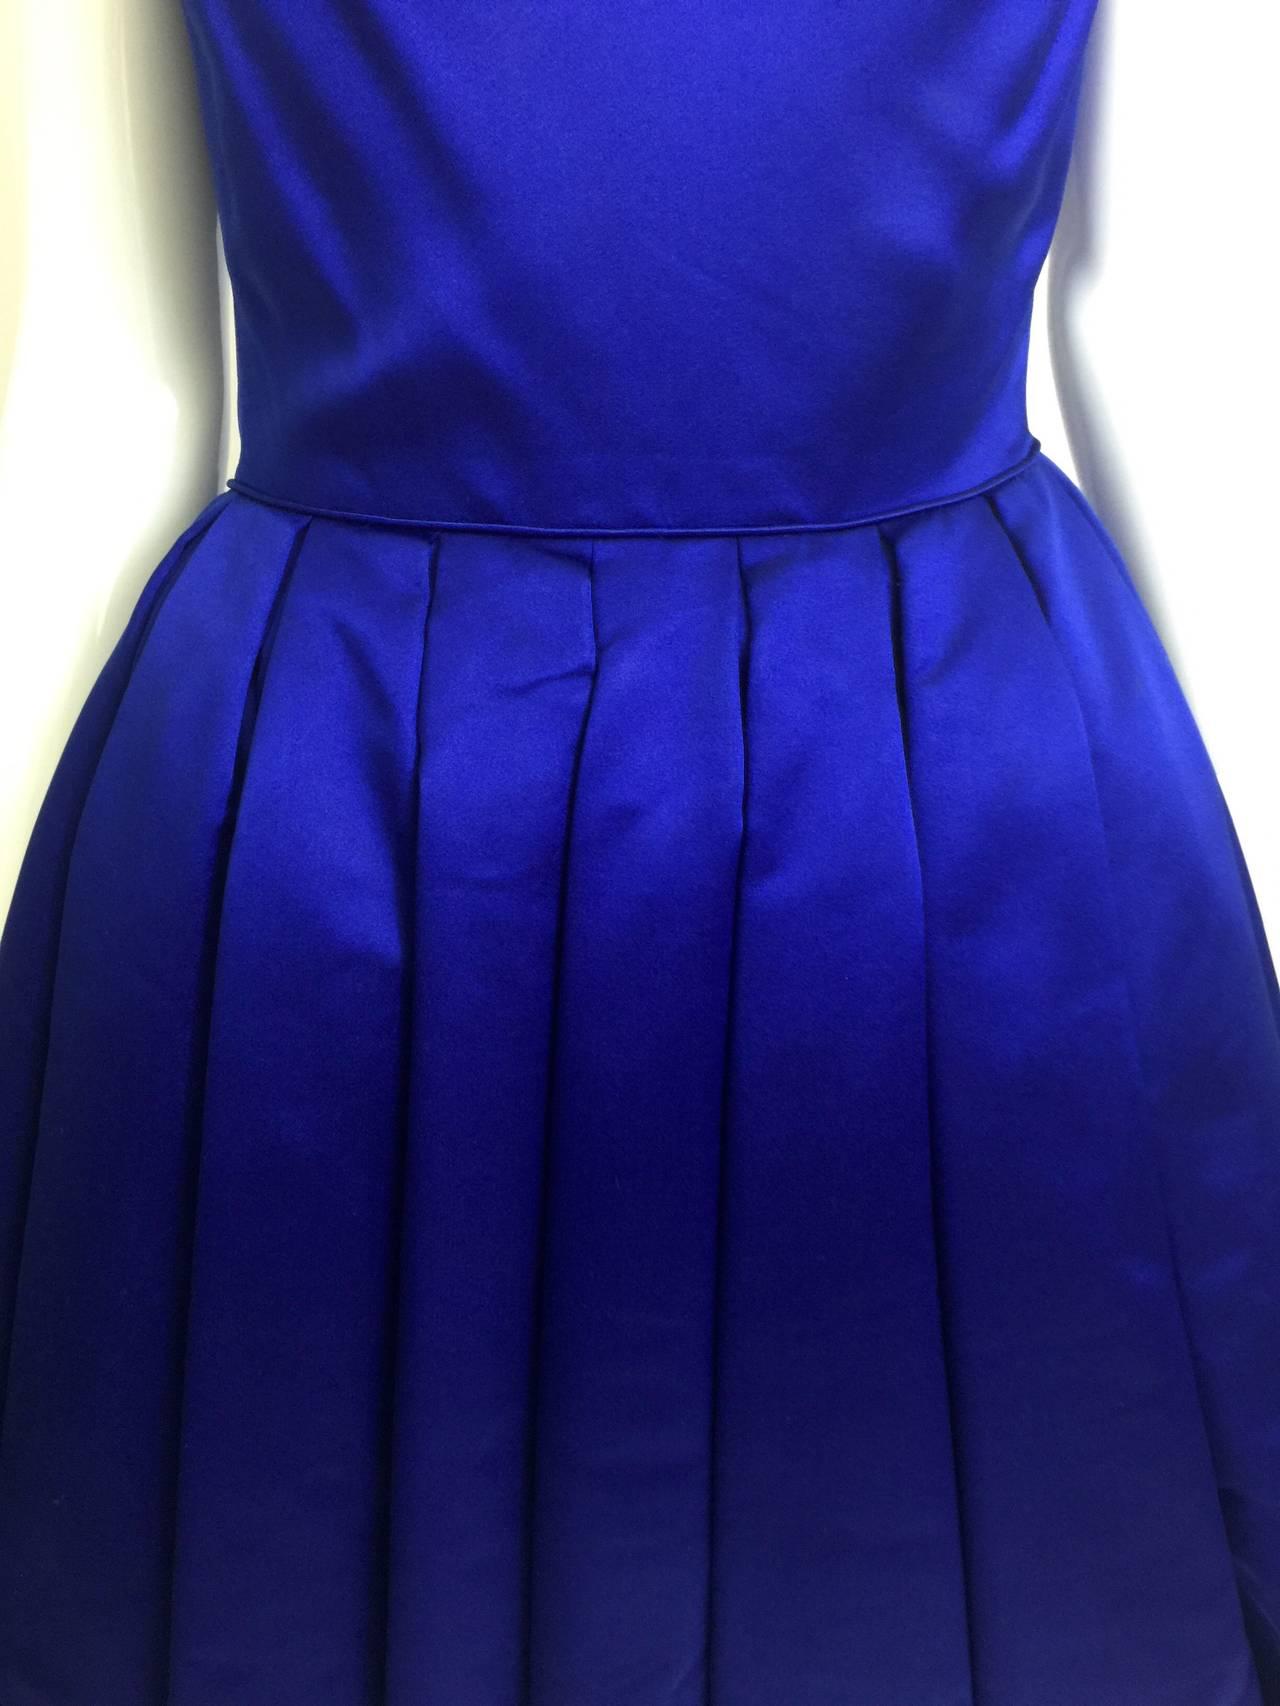 1950's Whitney for  Bonwit Teller Royal Blue Silk Satin Full Skirt  Party Dress 5